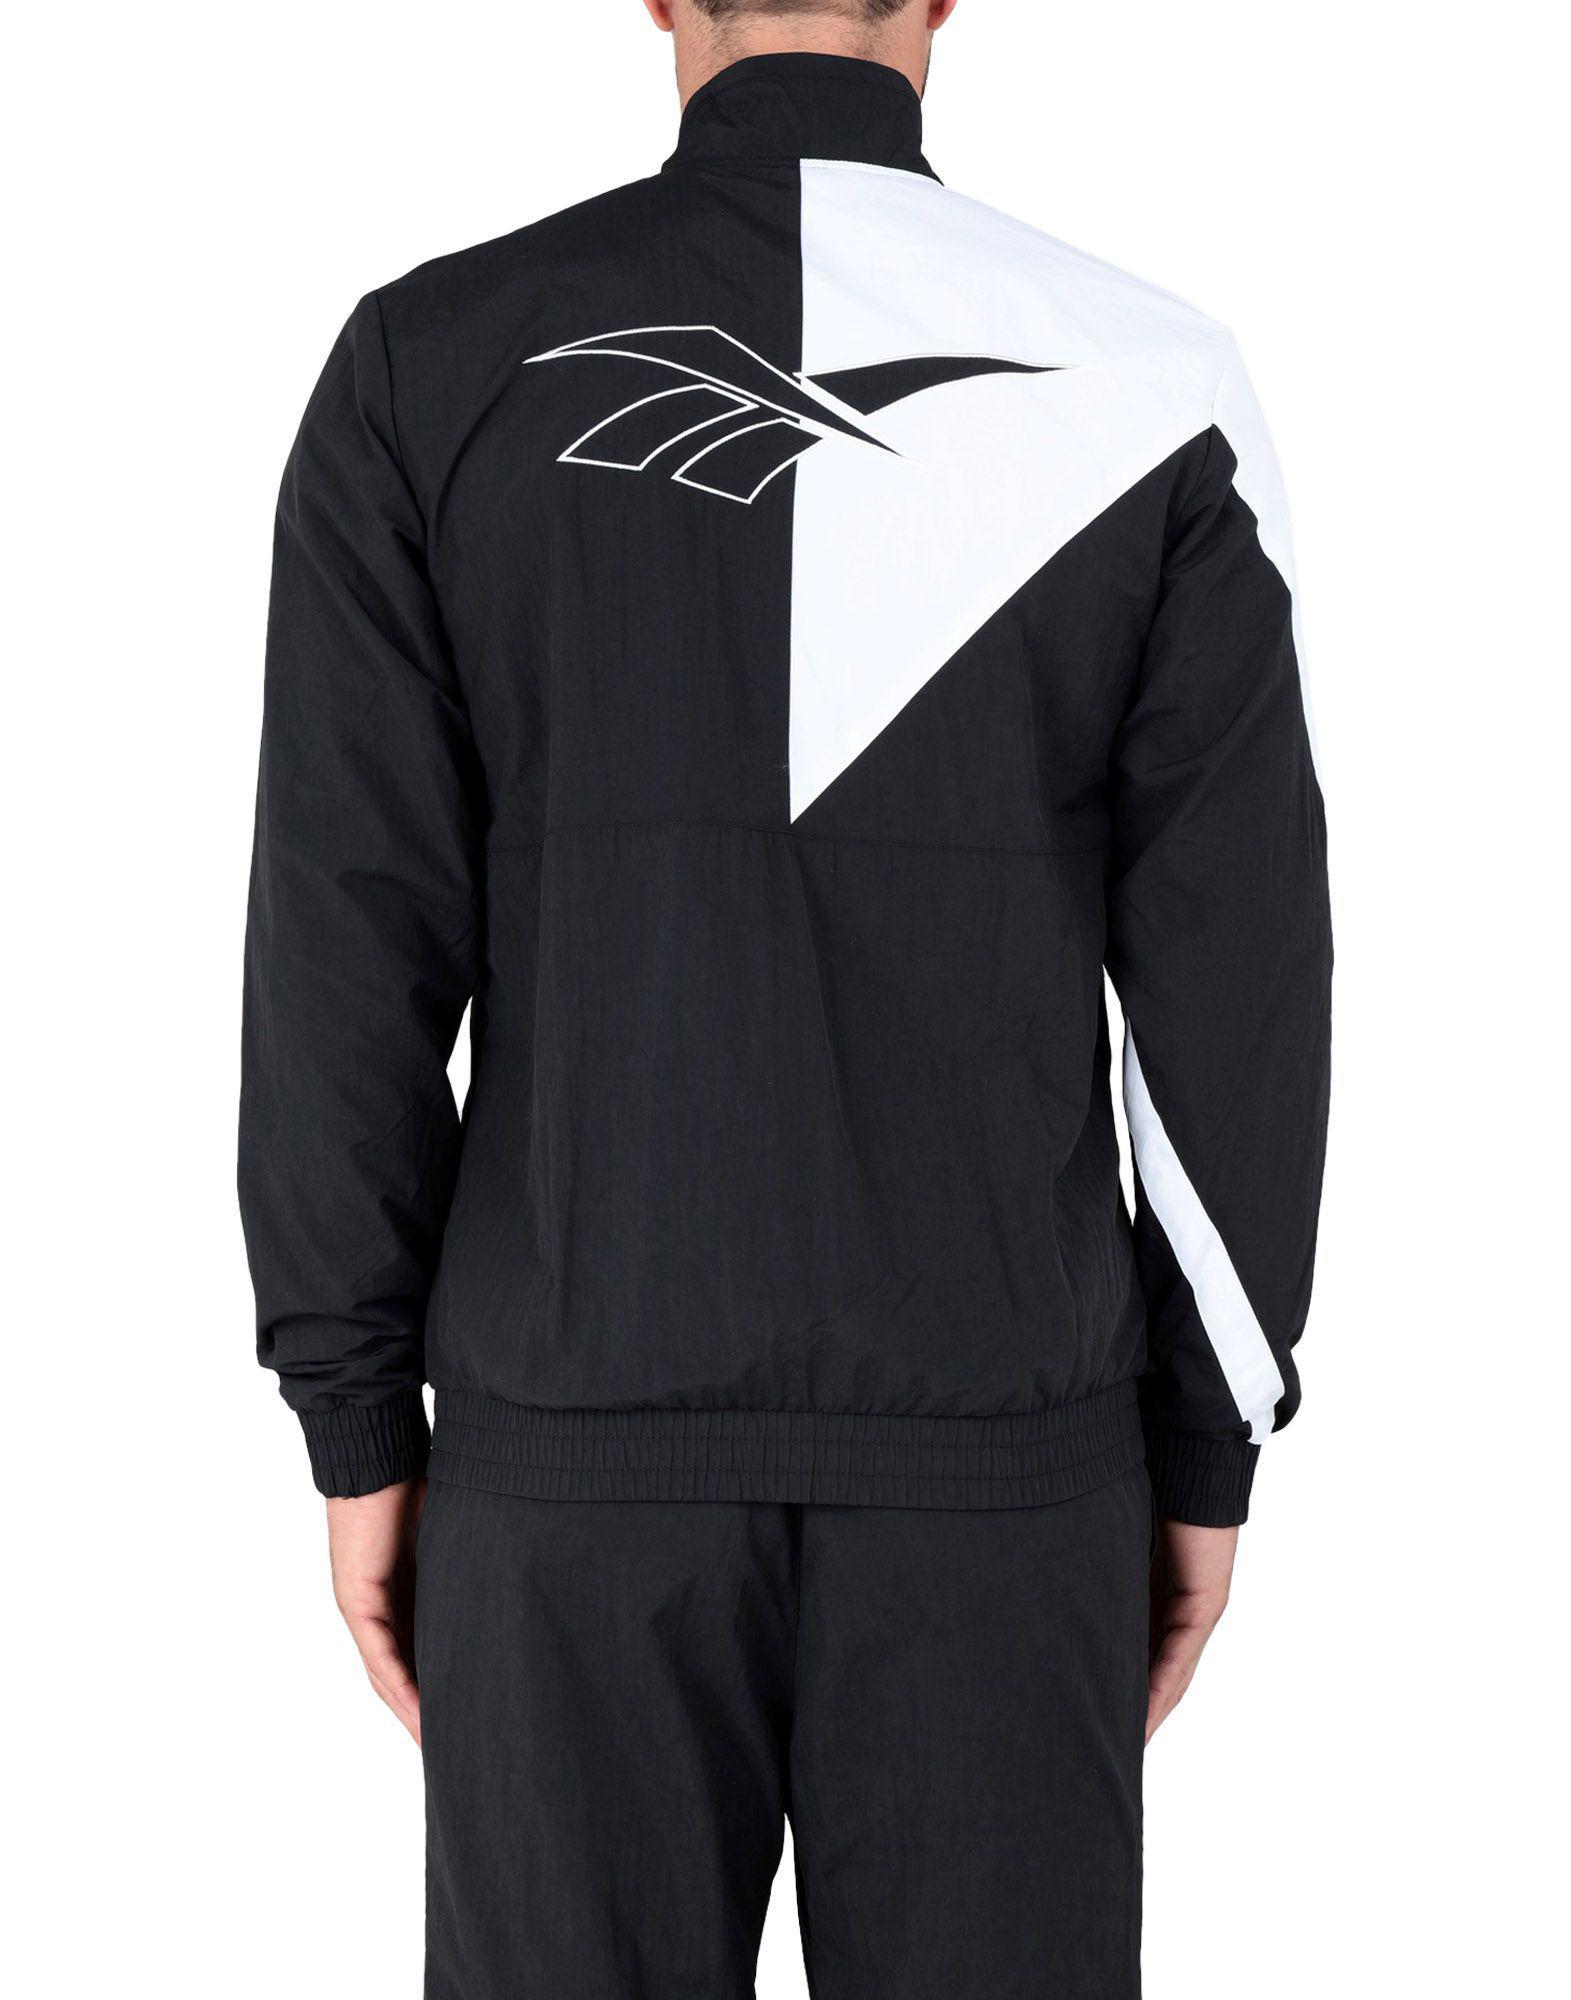 Lyst - Veste zippée colour block Reebok pour homme en coloris Noir -  15.78947368421052 % de réduction 218391d88dac